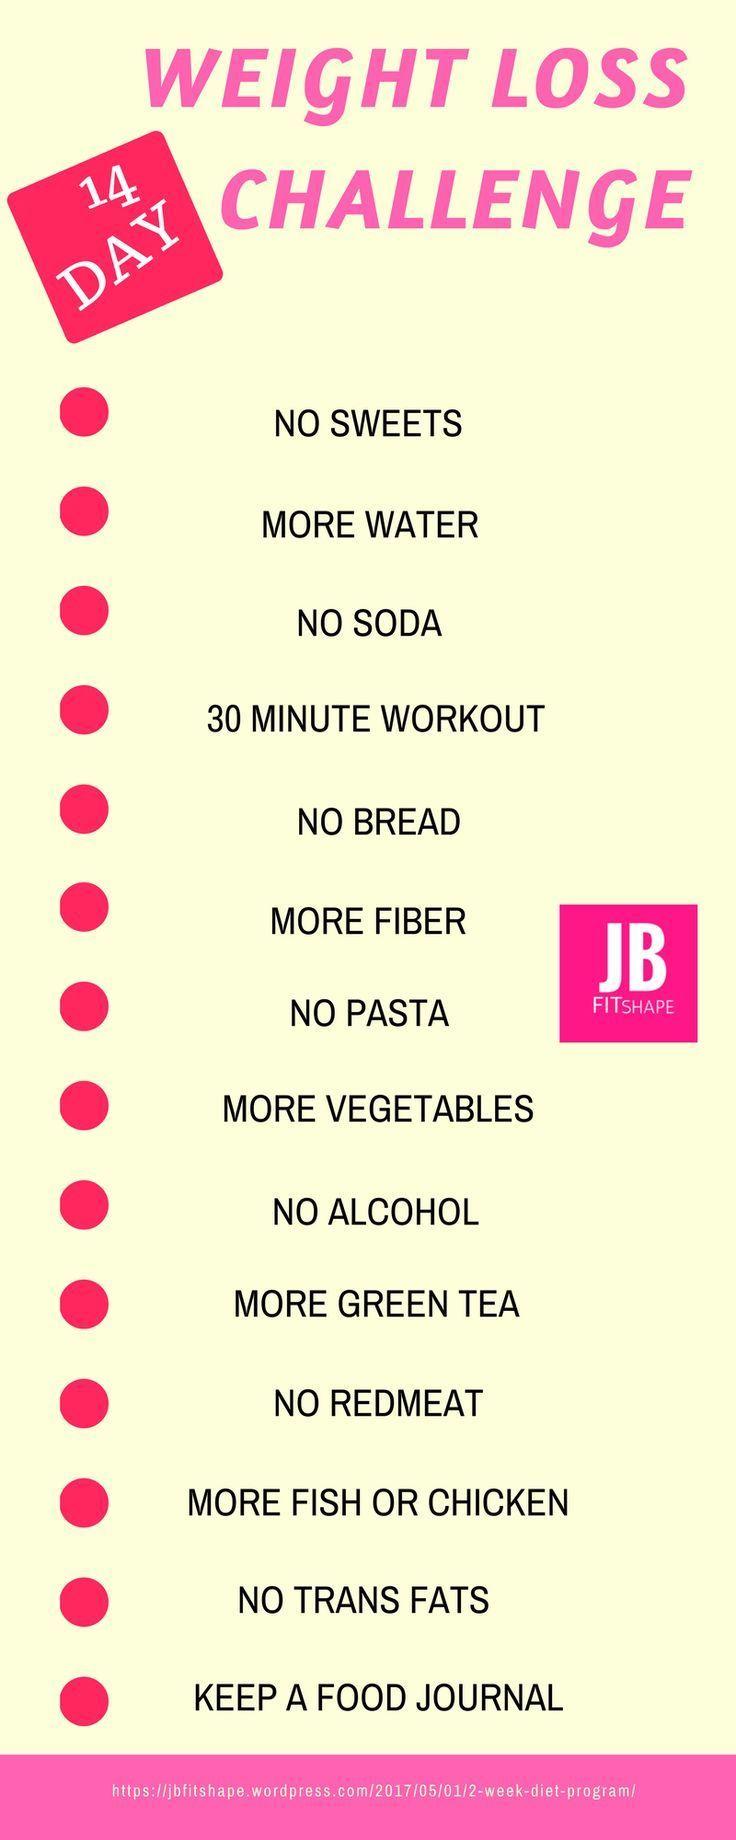 #weighthlossdiet #diet